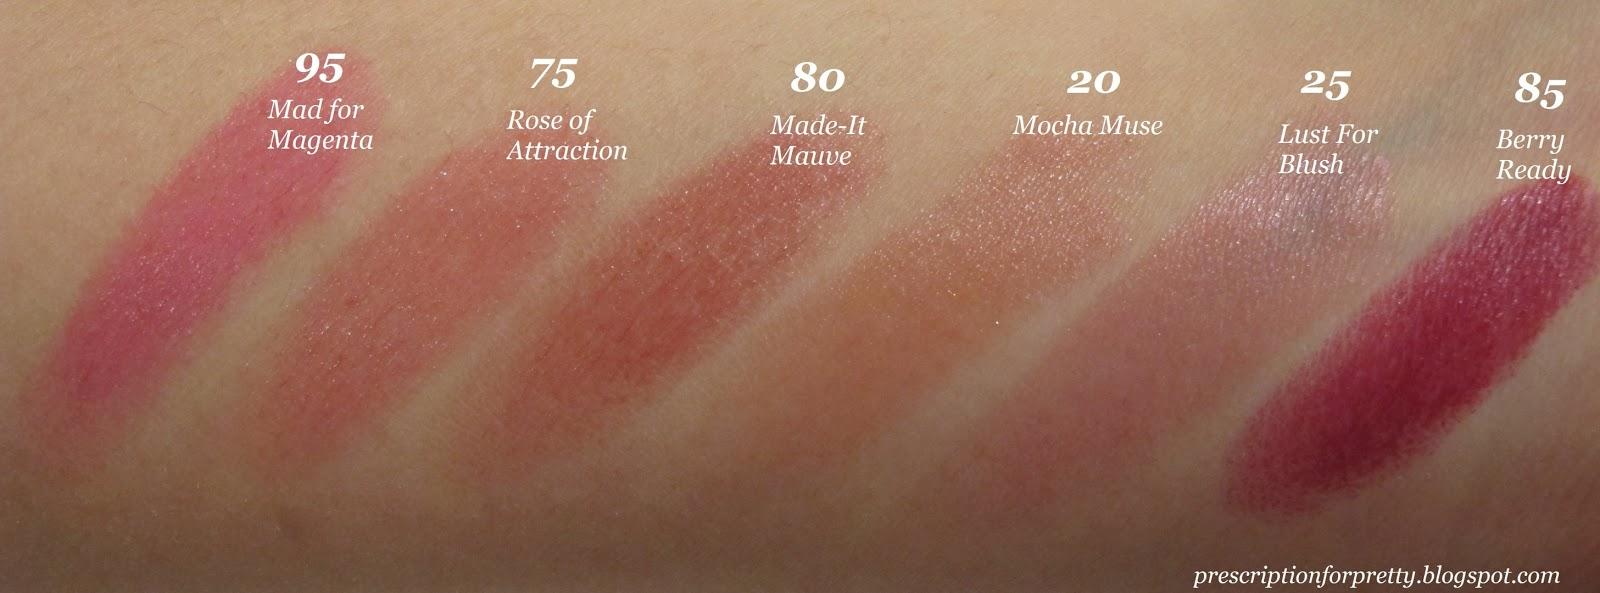 Prescription For Pretty: Maybelline Color Whisper Lipsticks ...